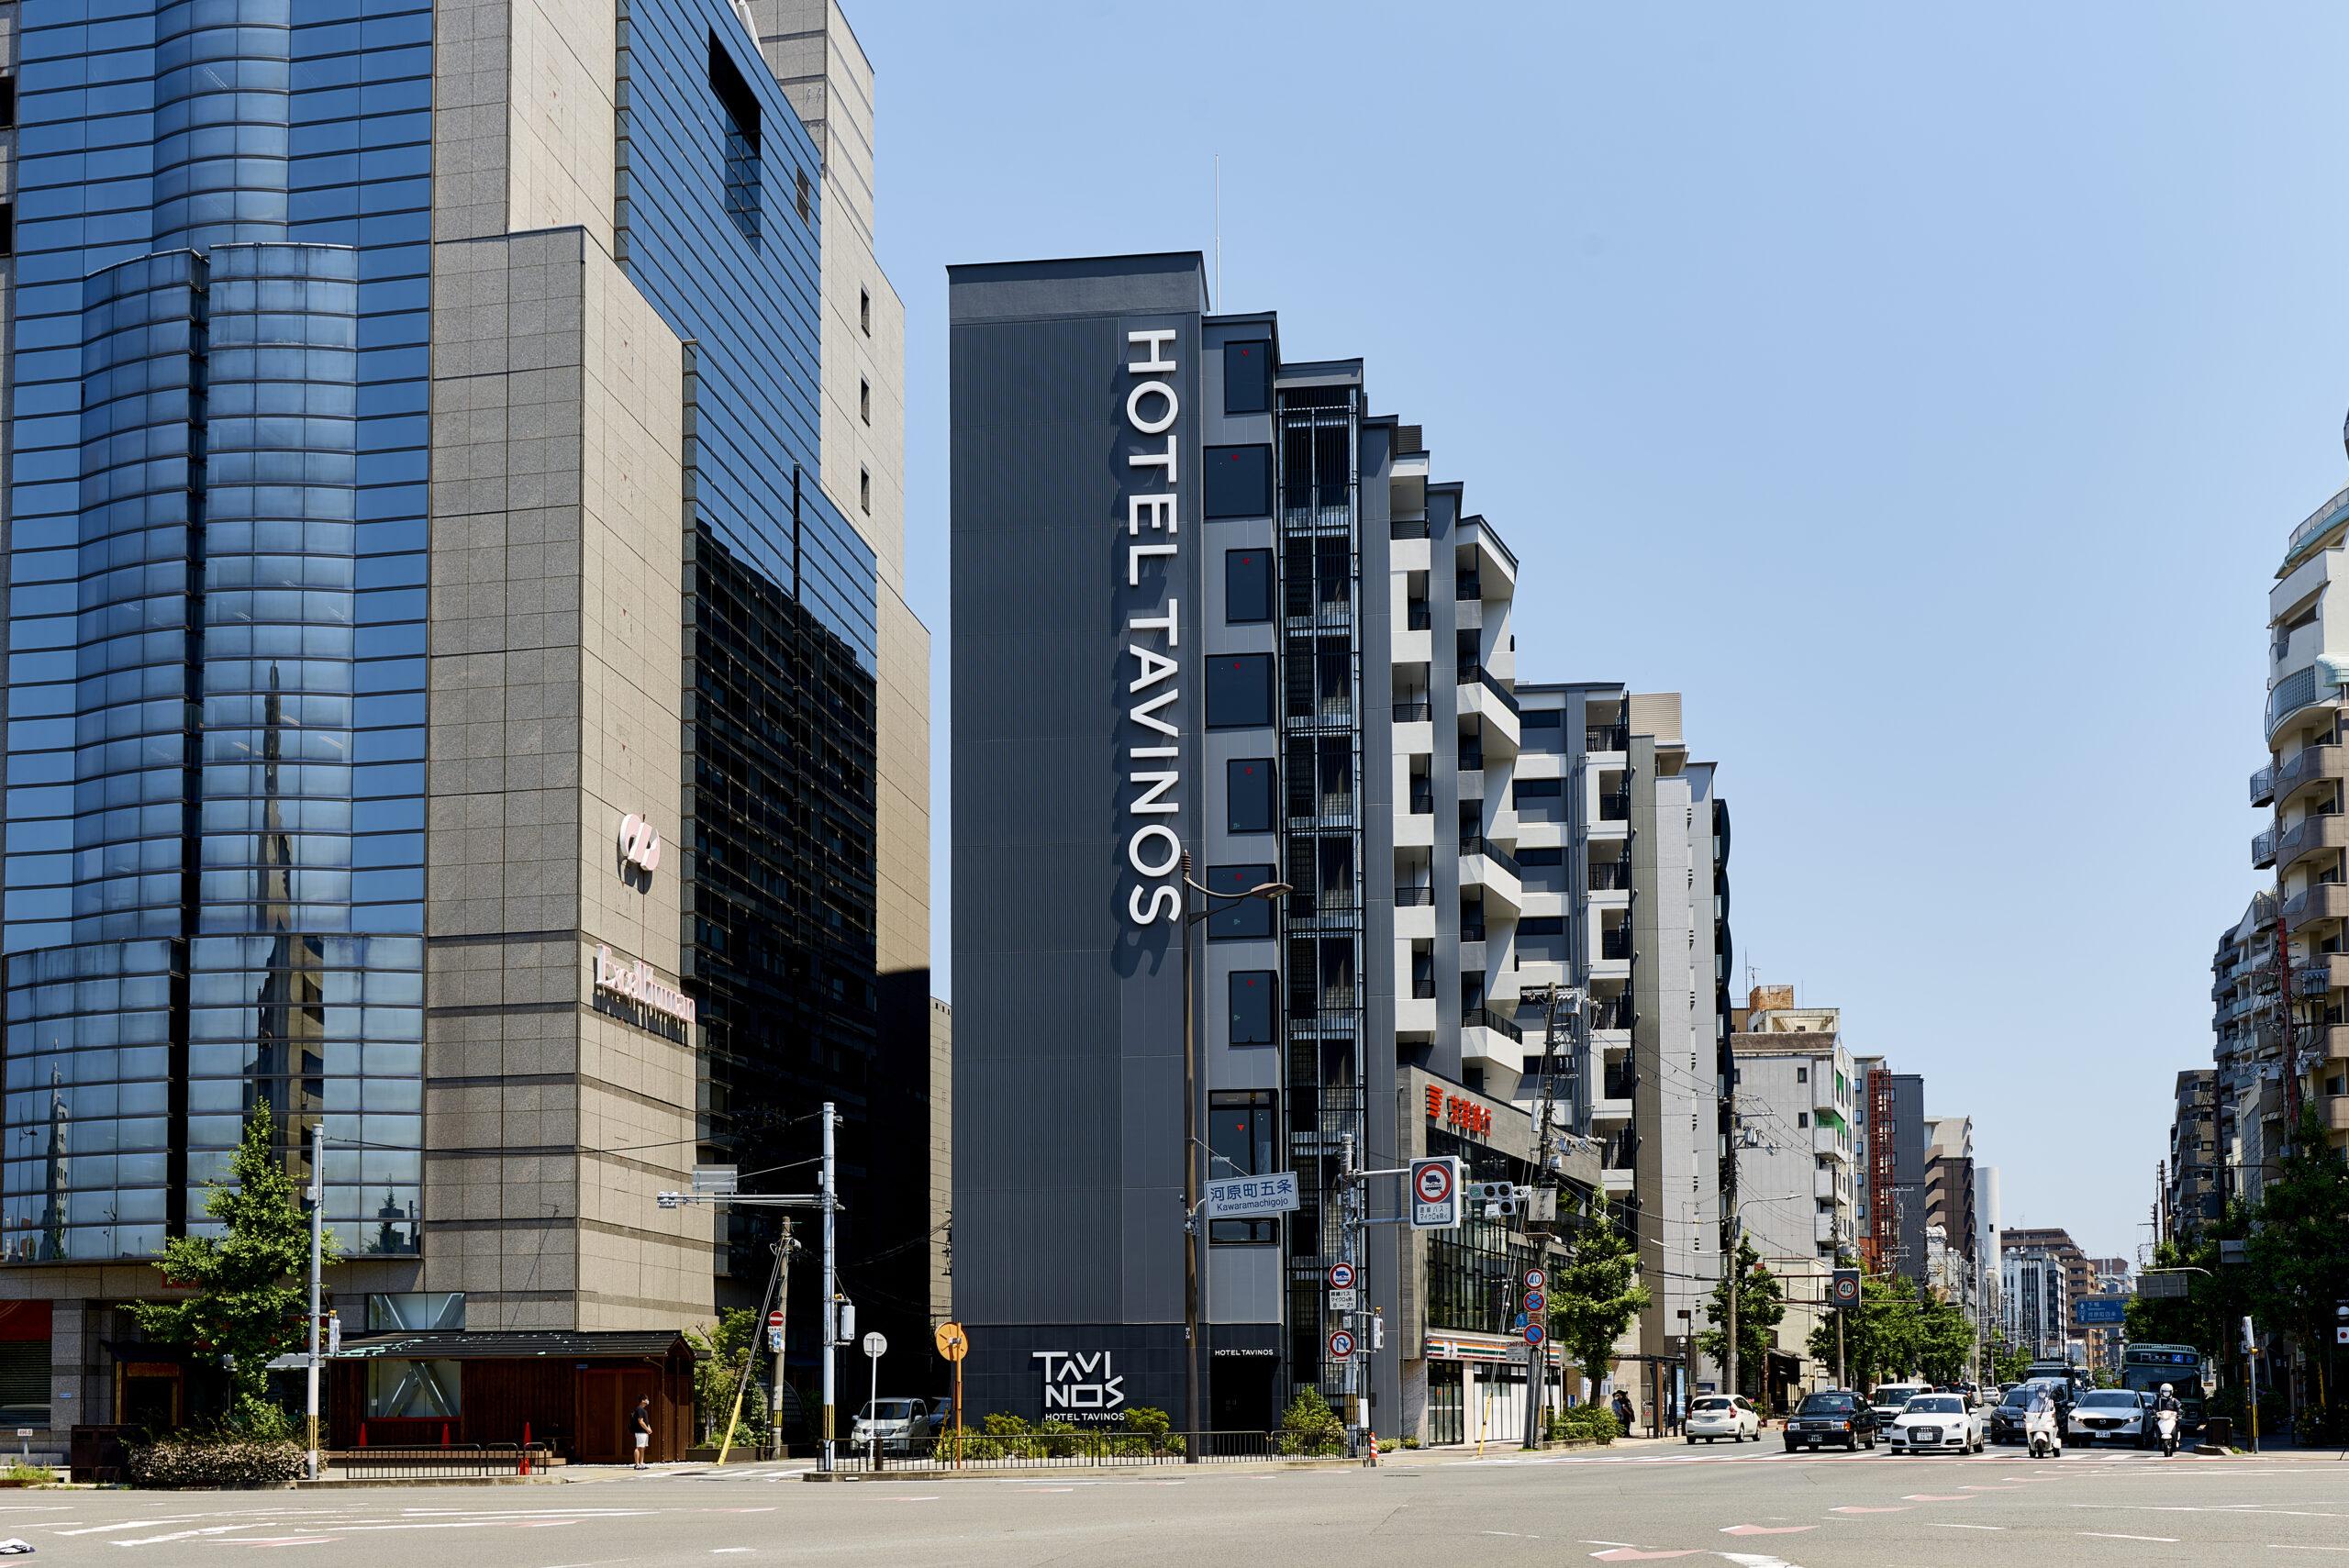 ホテルタビノス京都